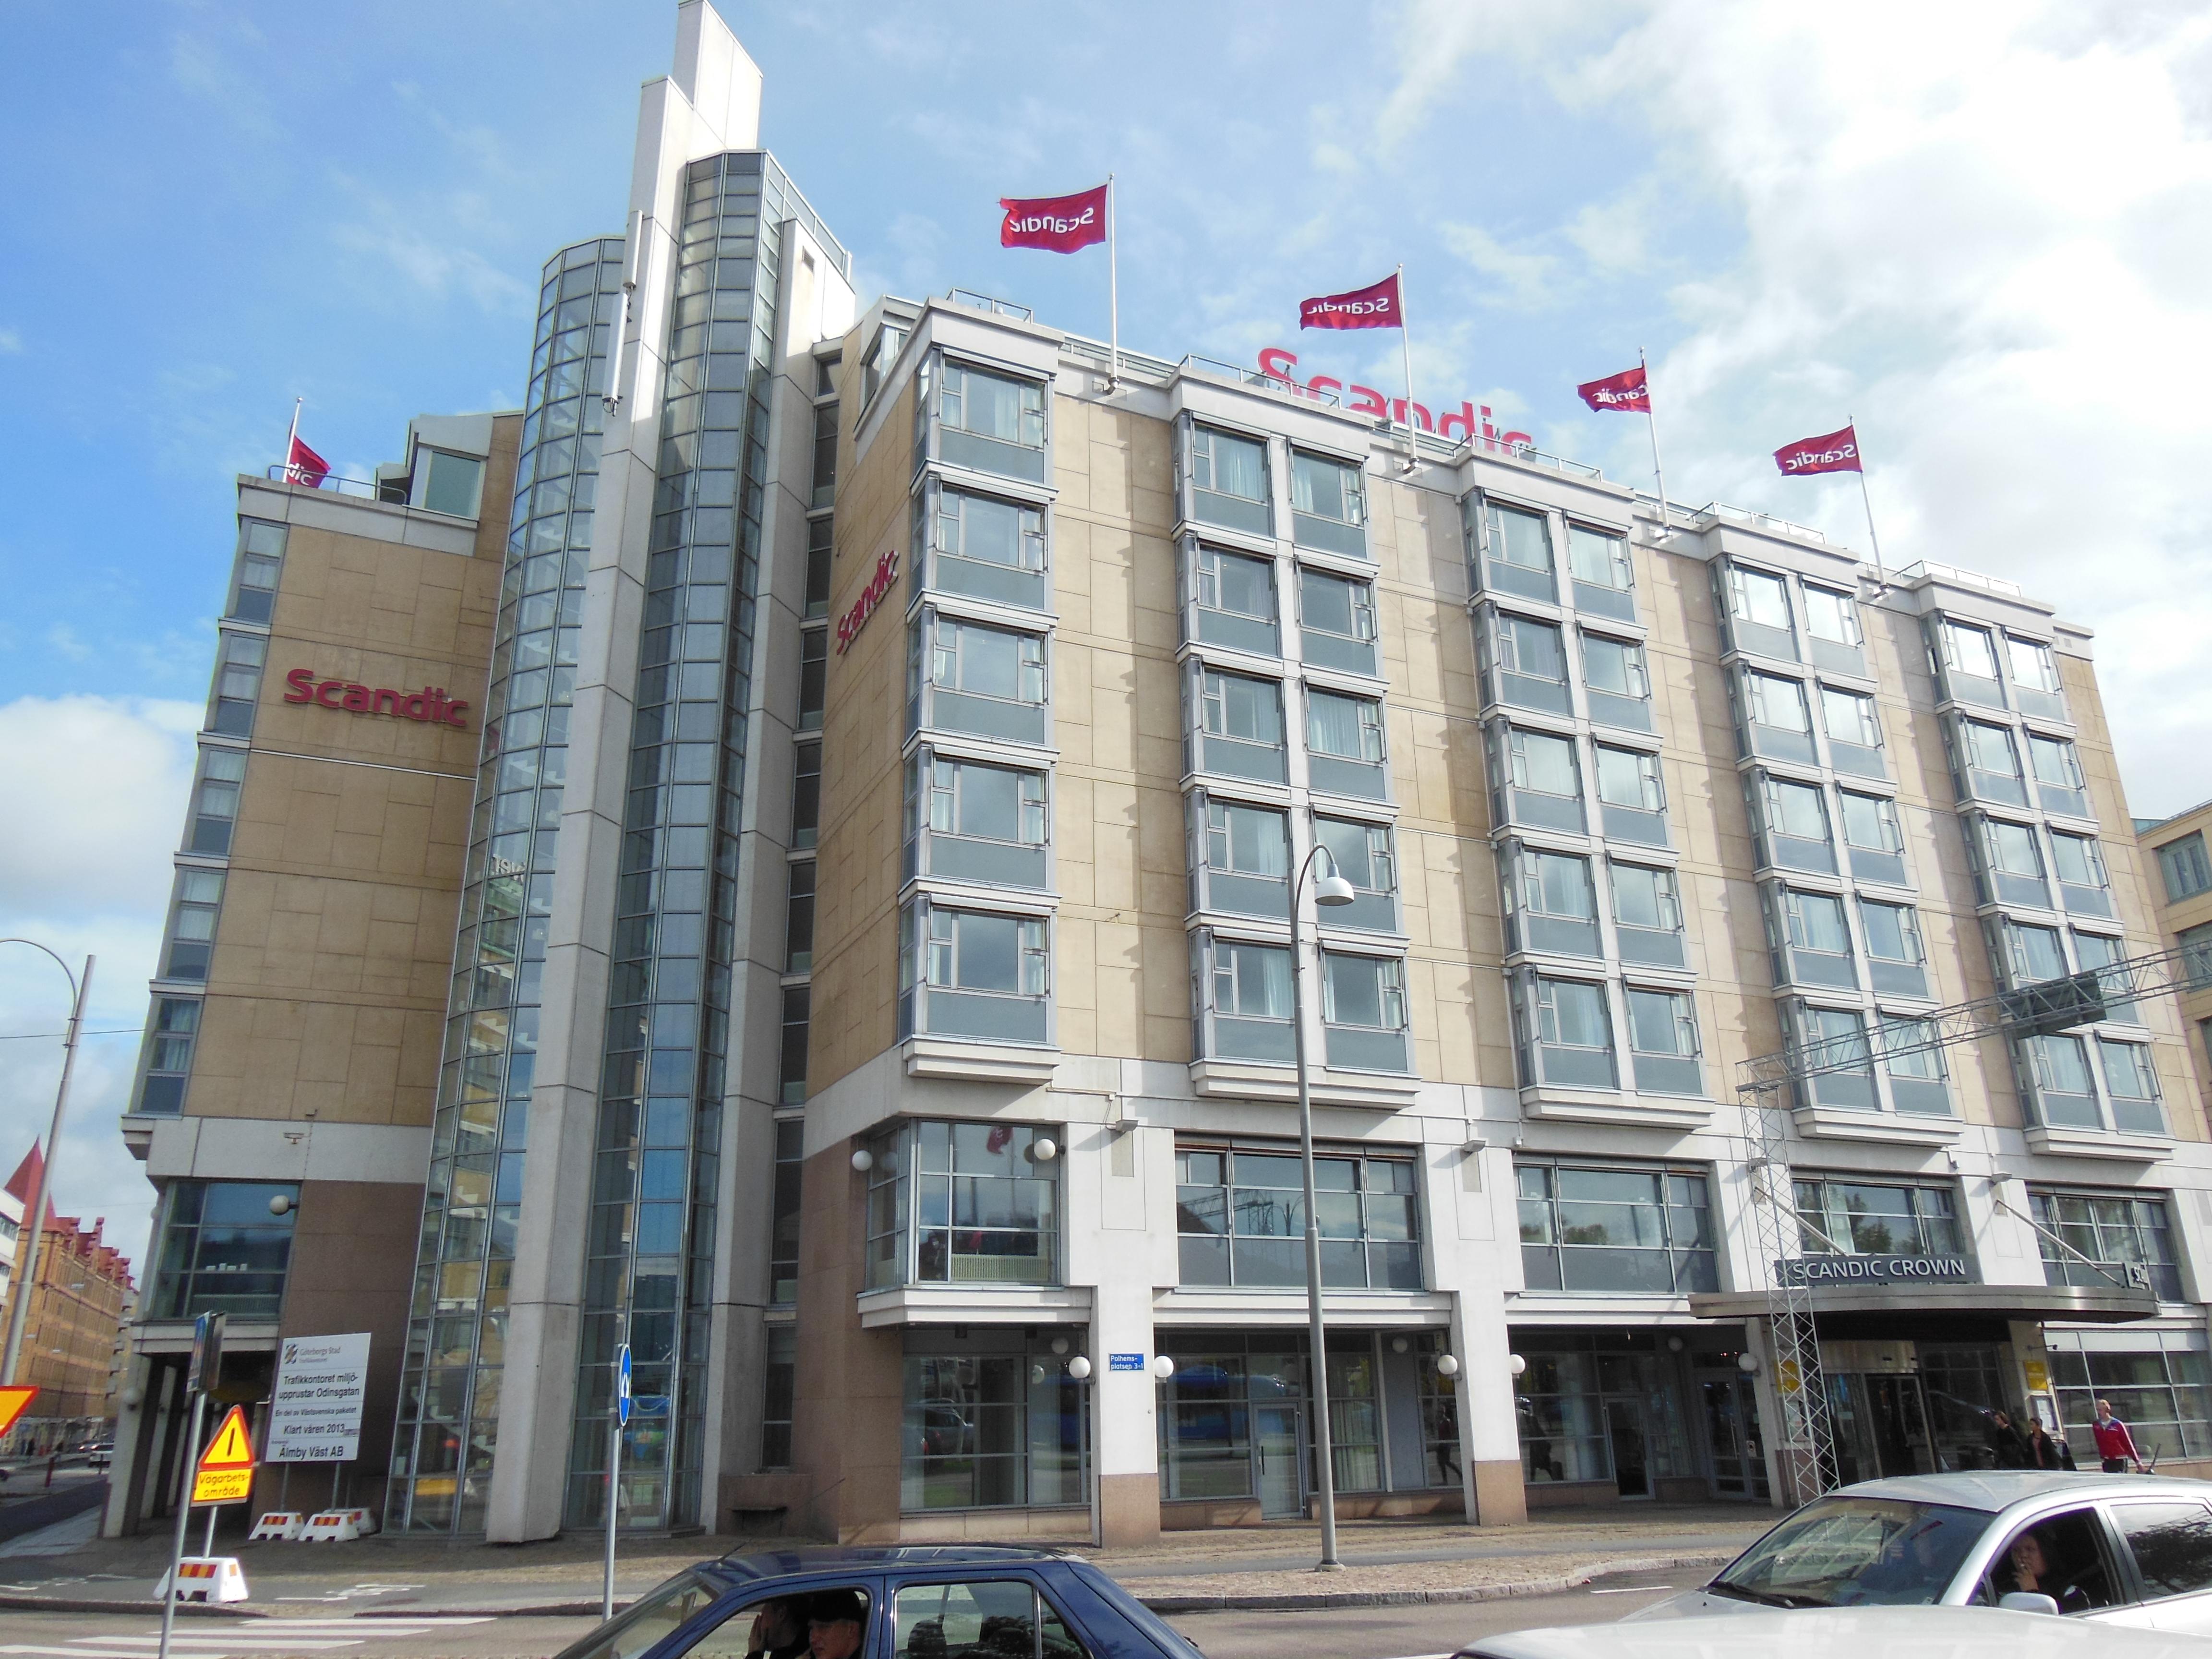 hotell scandic